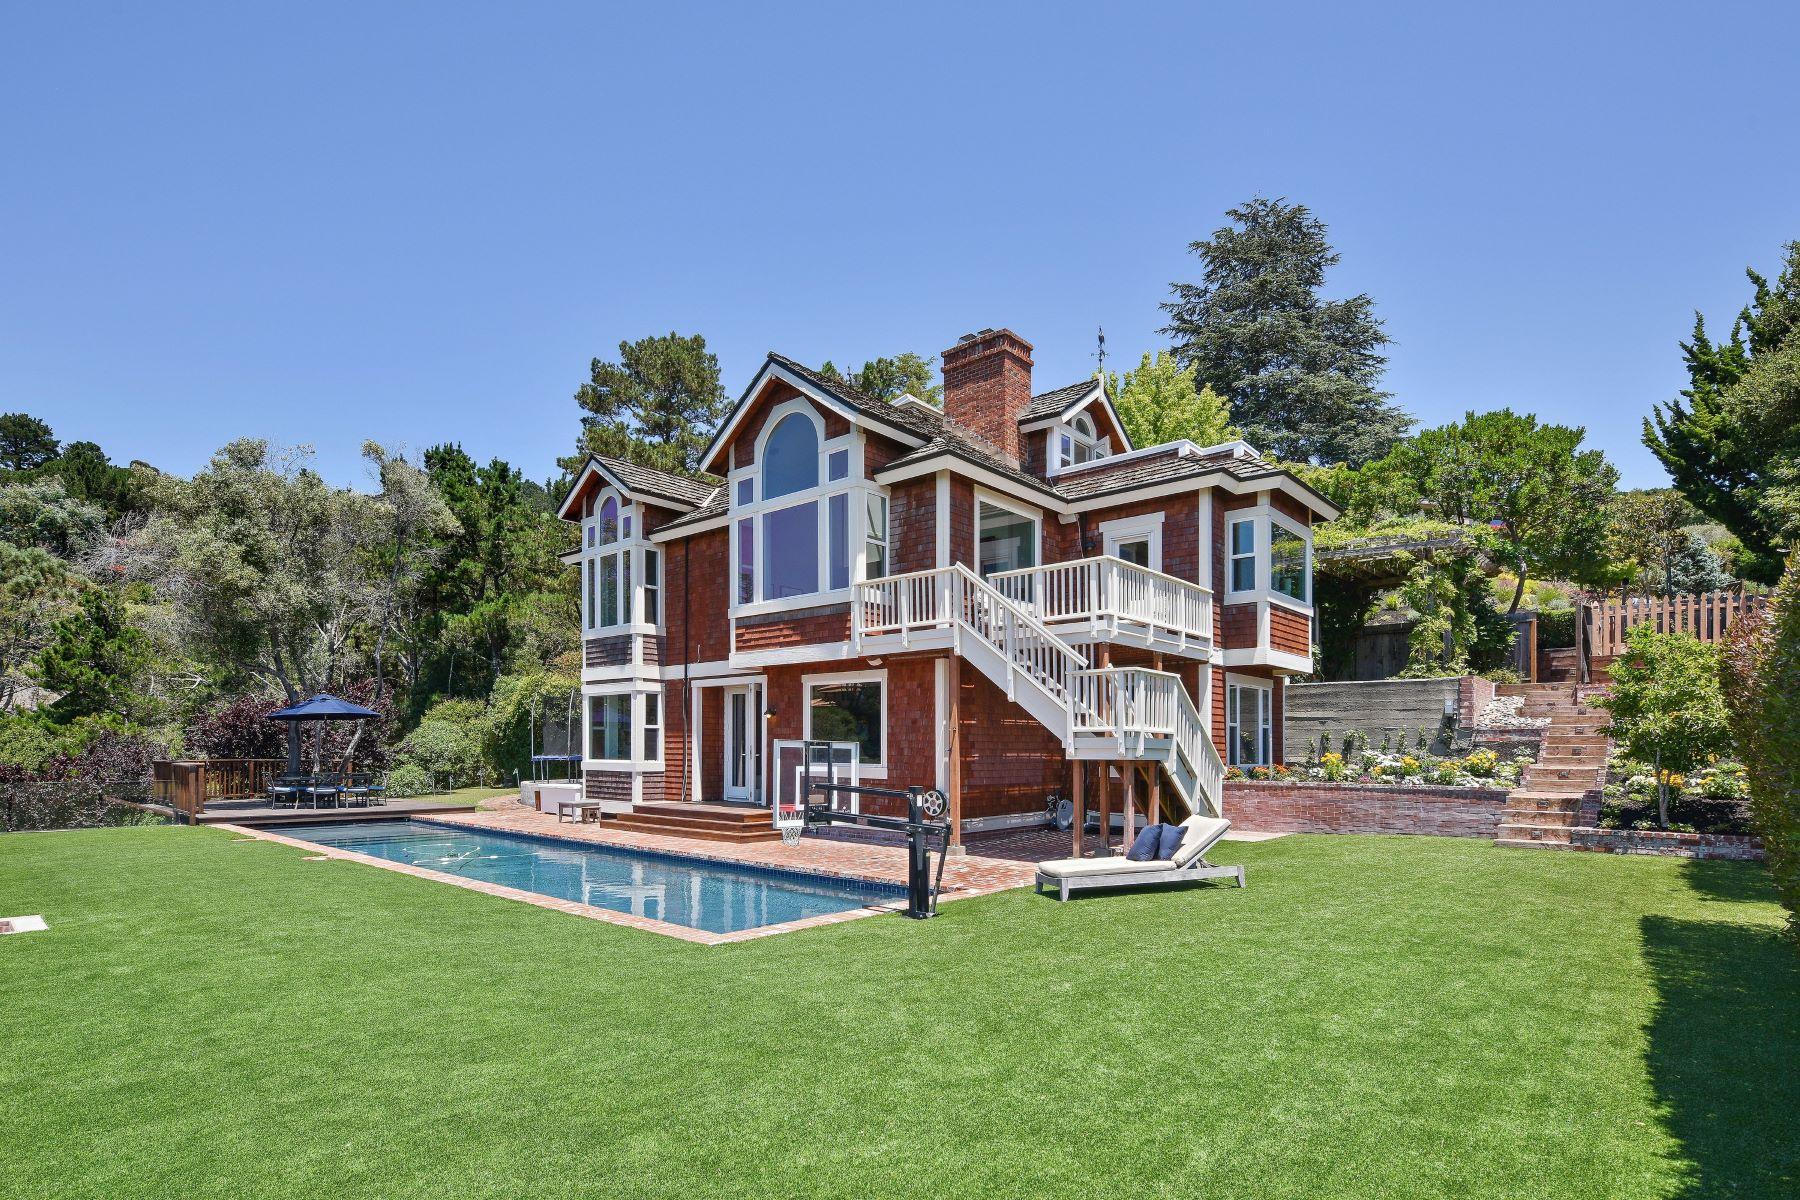 Casa Unifamiliar por un Venta en Unique Family Home With Magnificent Views! 42 Meadow Hill Drive Tiburon, California, 94920 Estados Unidos